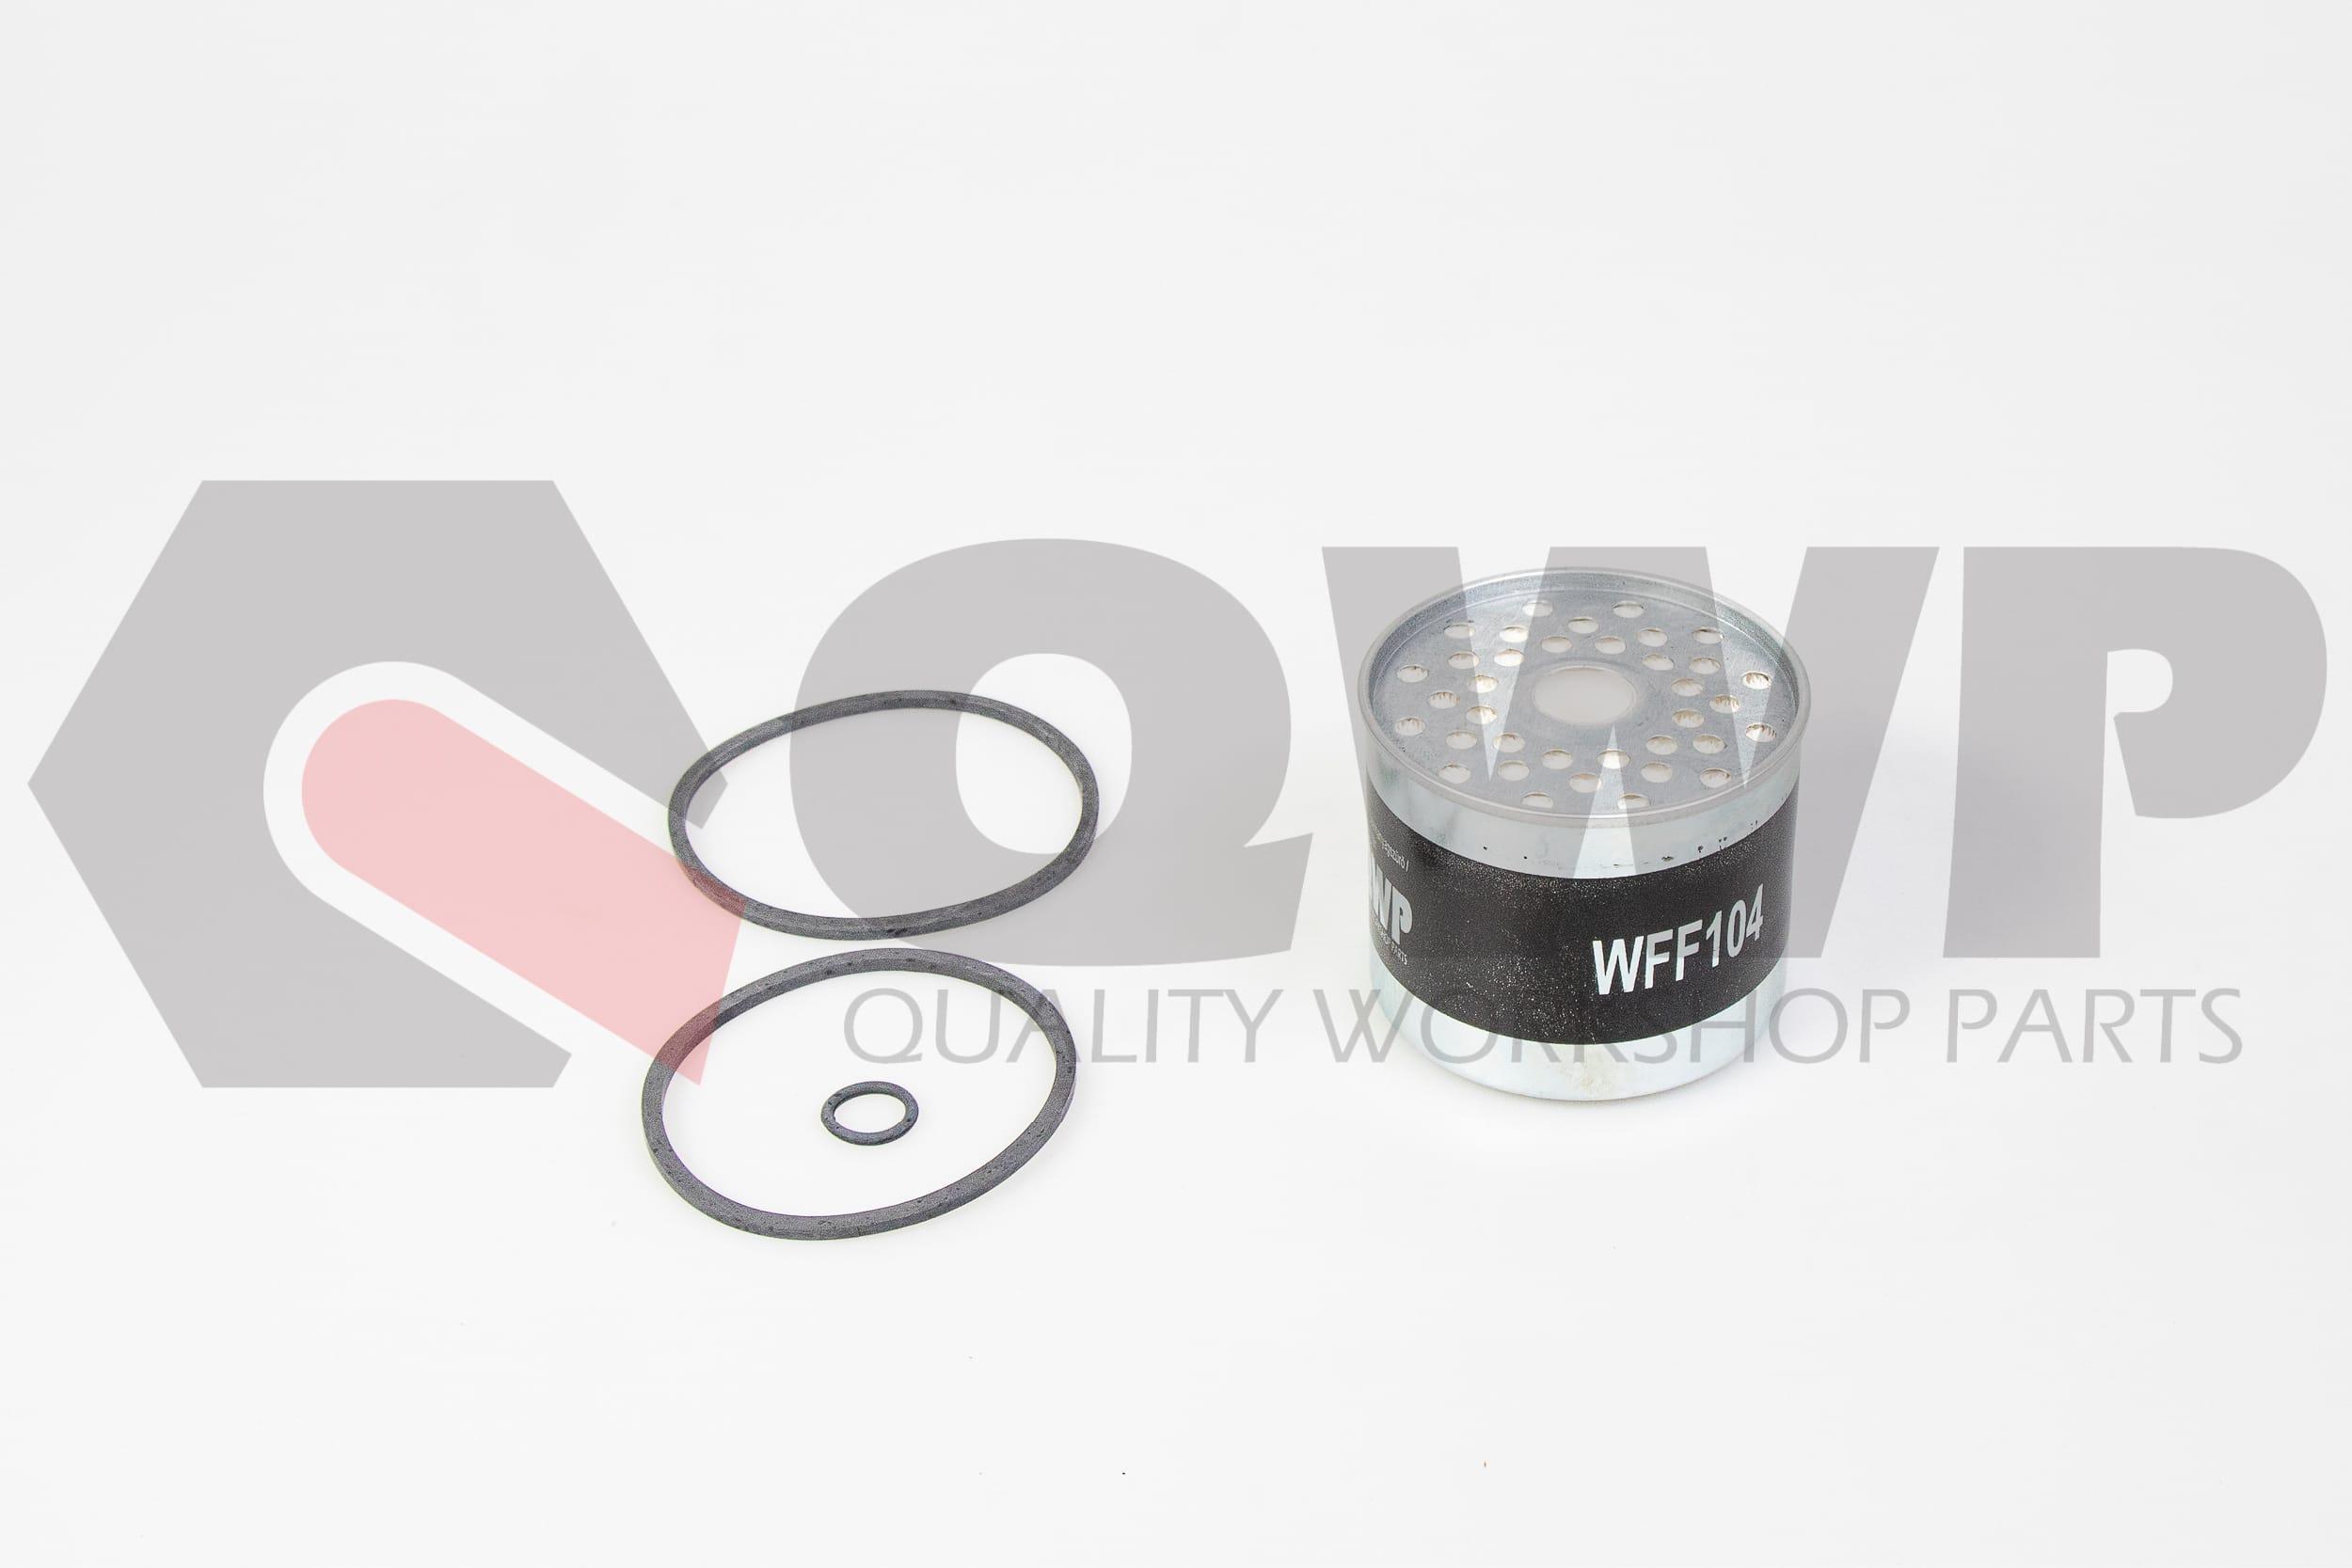 Filtru combustibil QWP WFF104